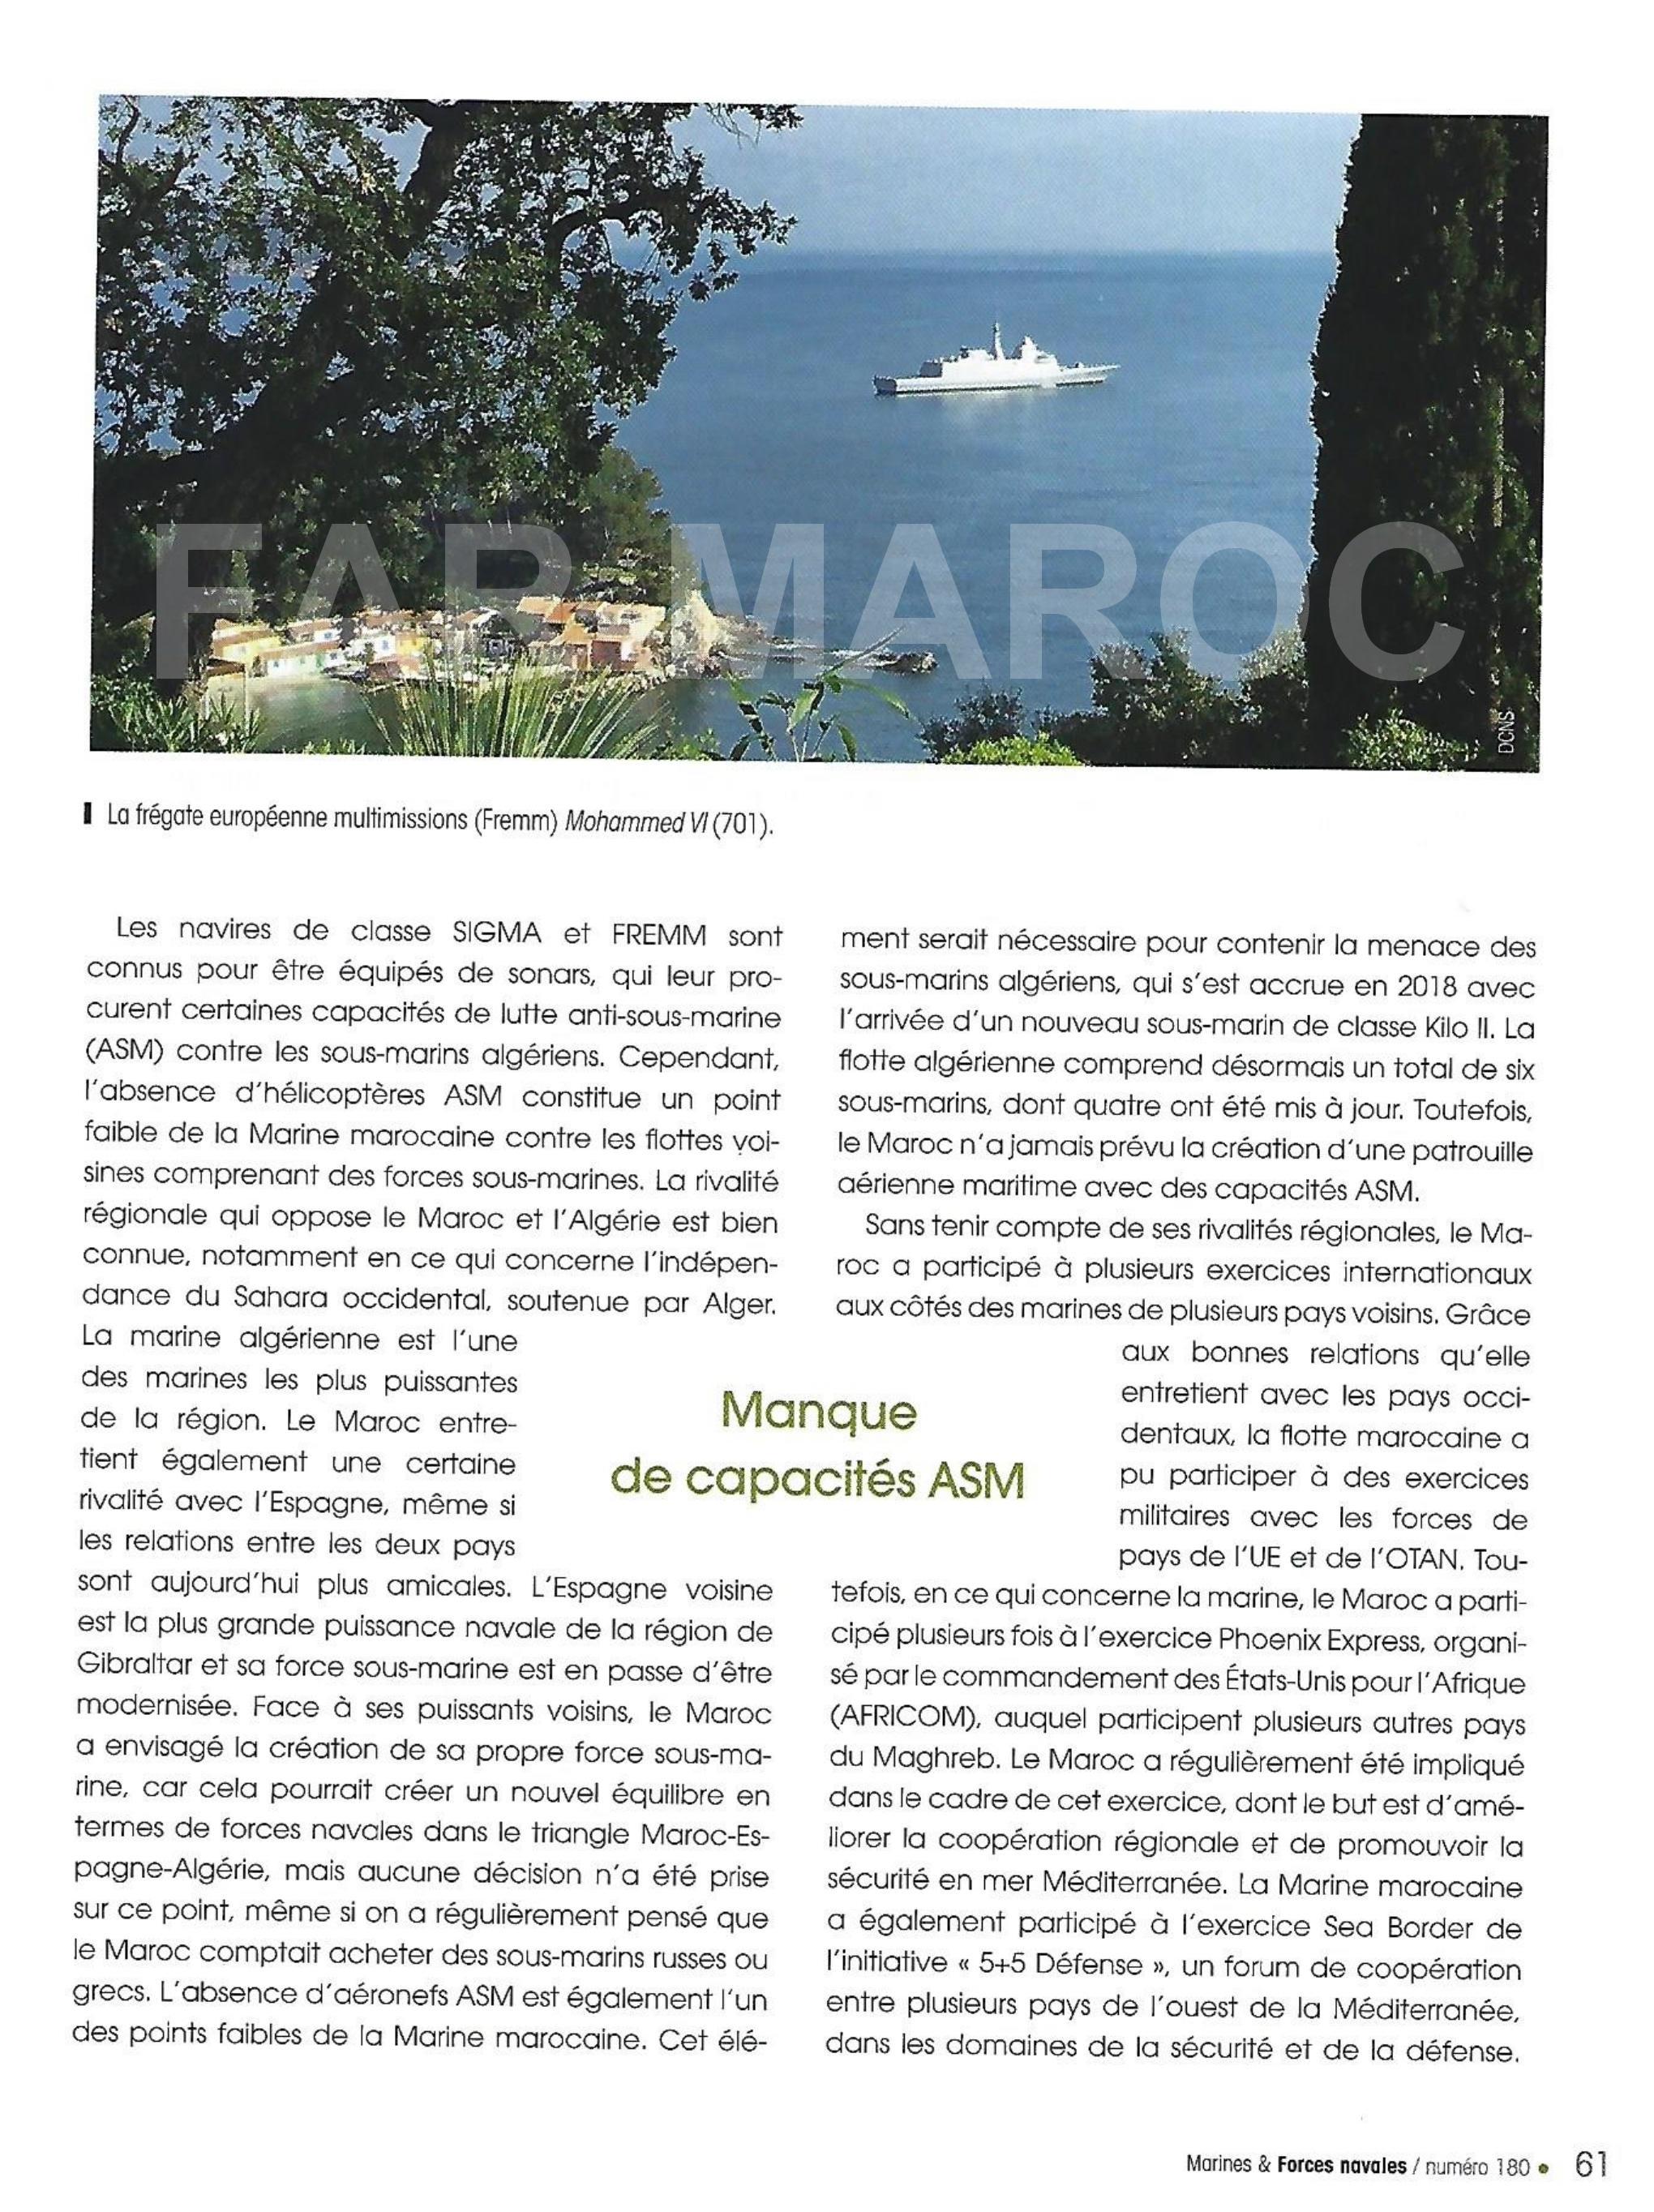 Articles à propos de la Marine Royale Marocaine 40632236123_70c2bfc969_o